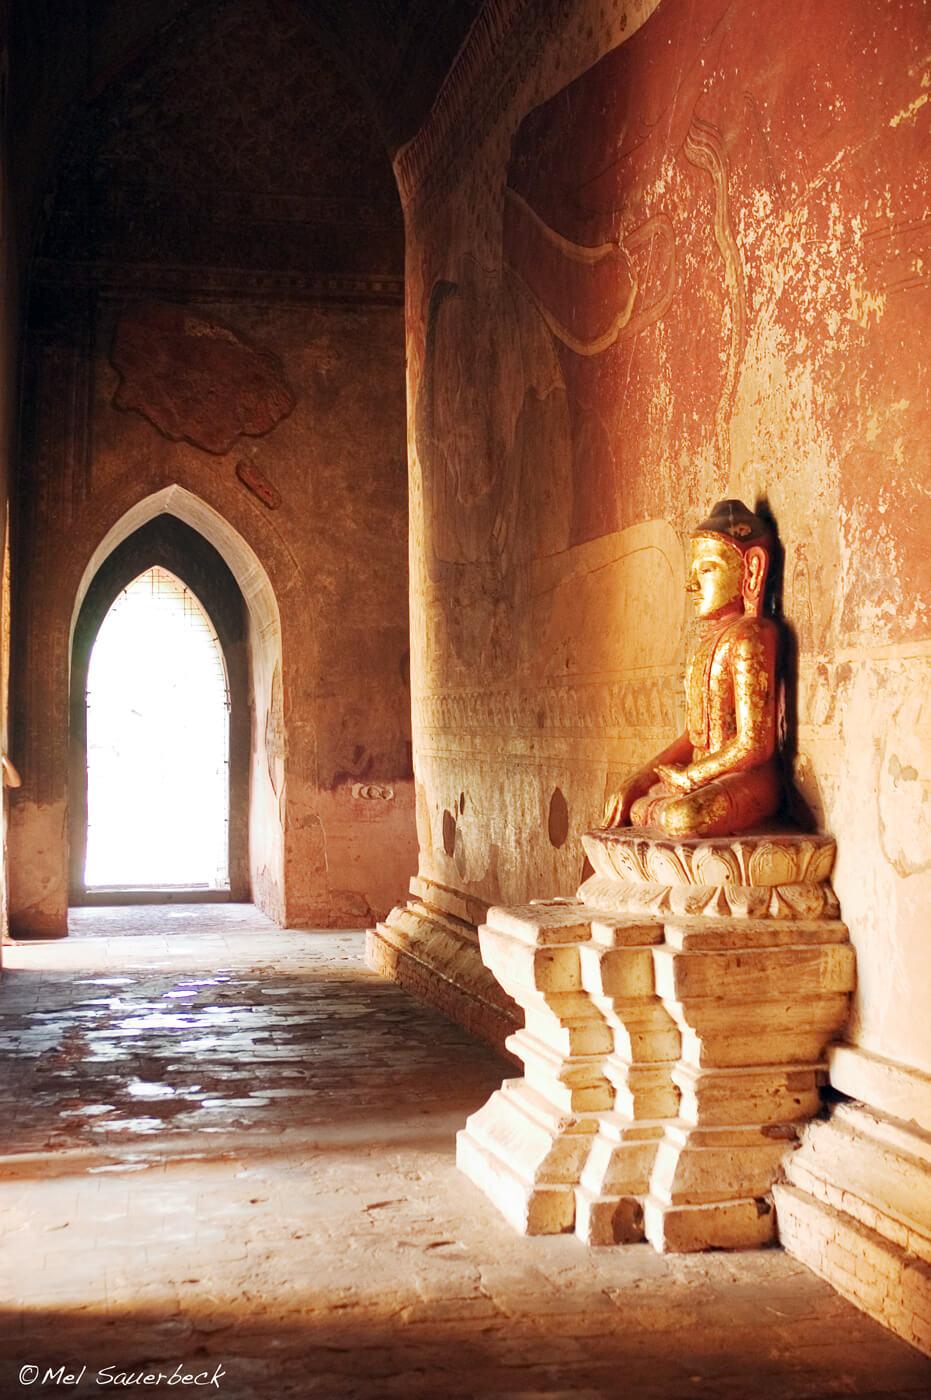 Buddha statue in temple, Myanmar, Burma